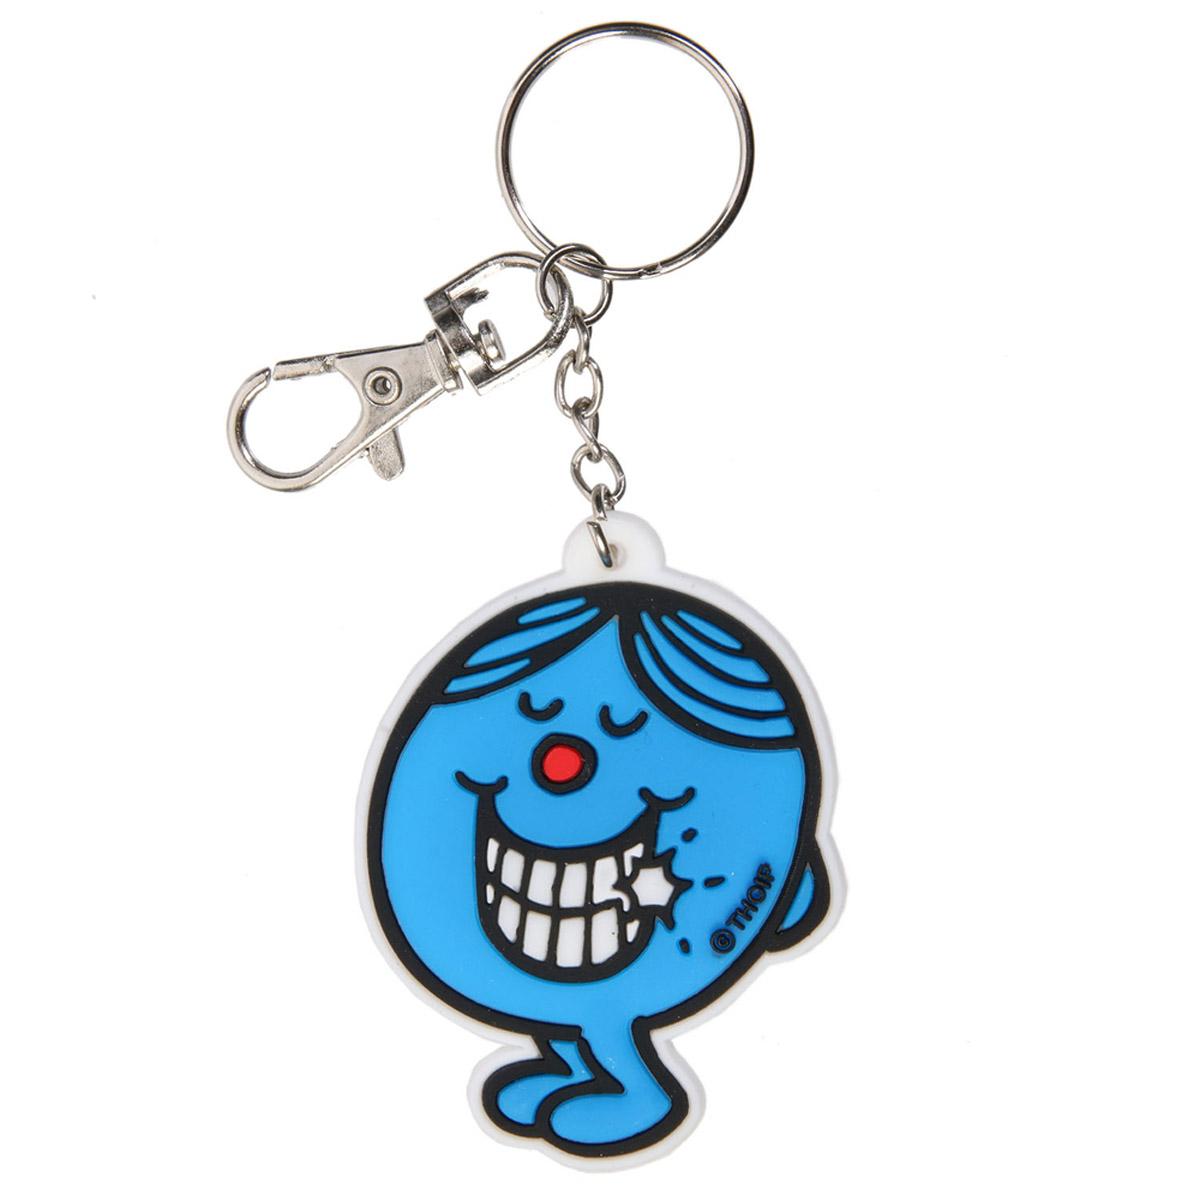 Porte-clés pvc \'Monsieur Madame\' bleu - 60x60 mm - [R2464]